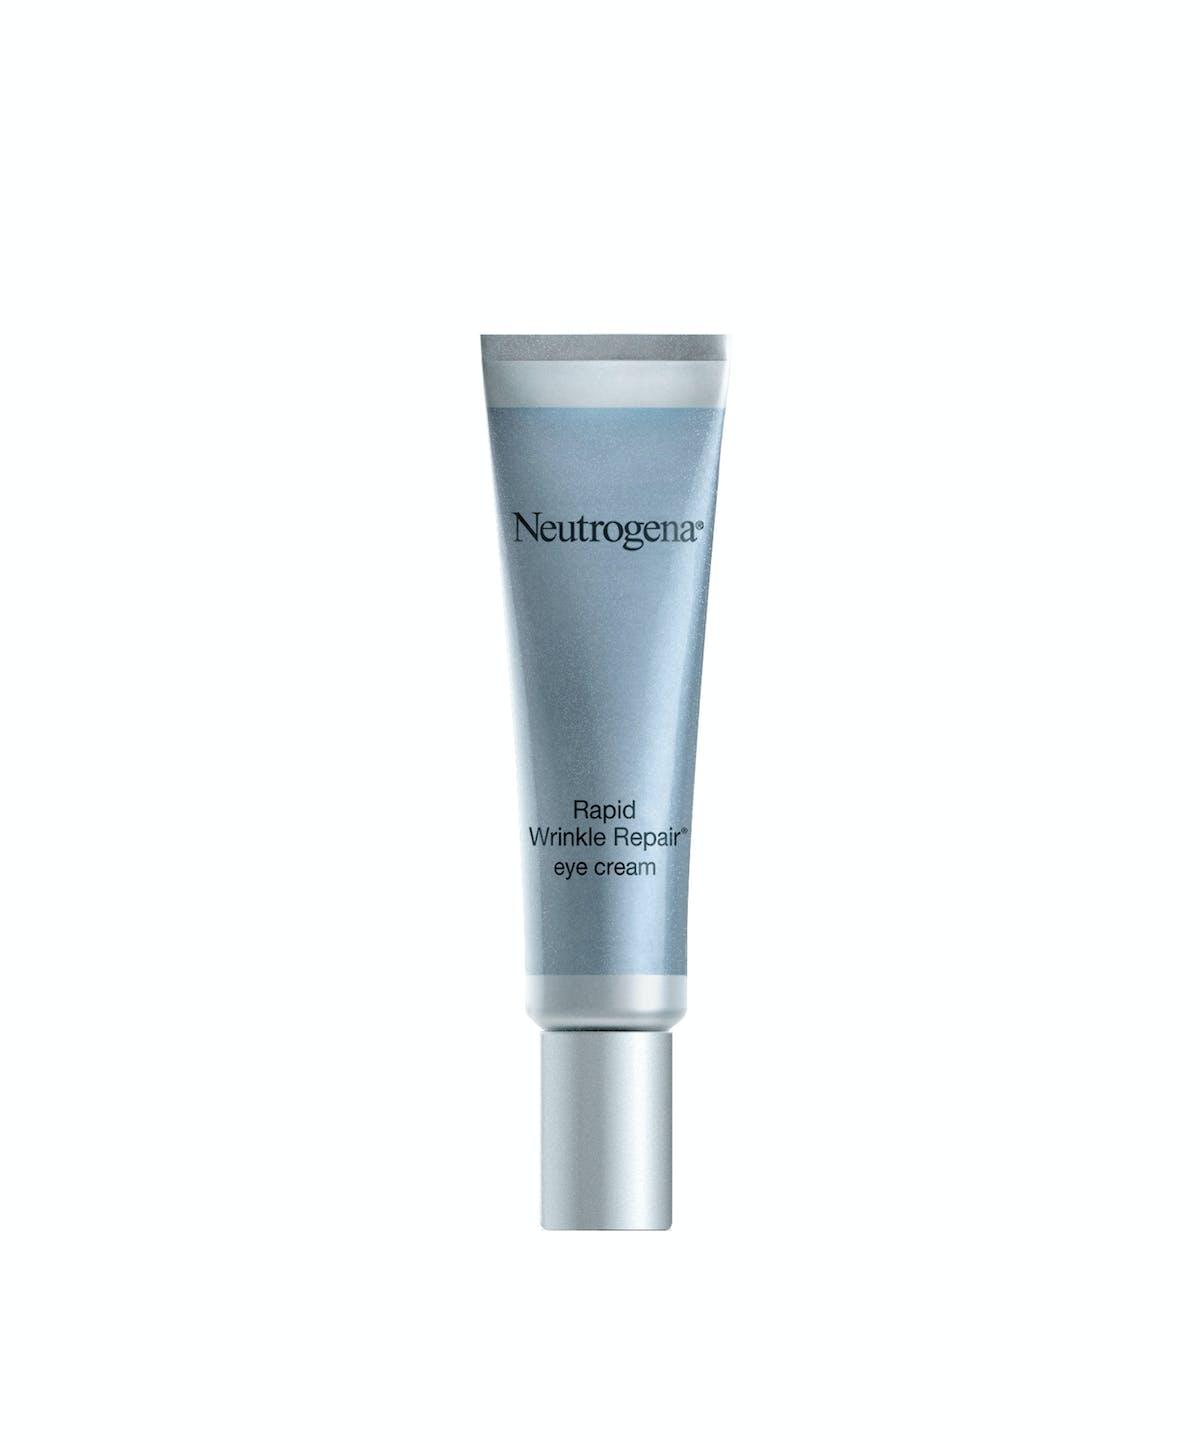 Rapid Wrinkle Repair Aging Eye Cream Neutrogena